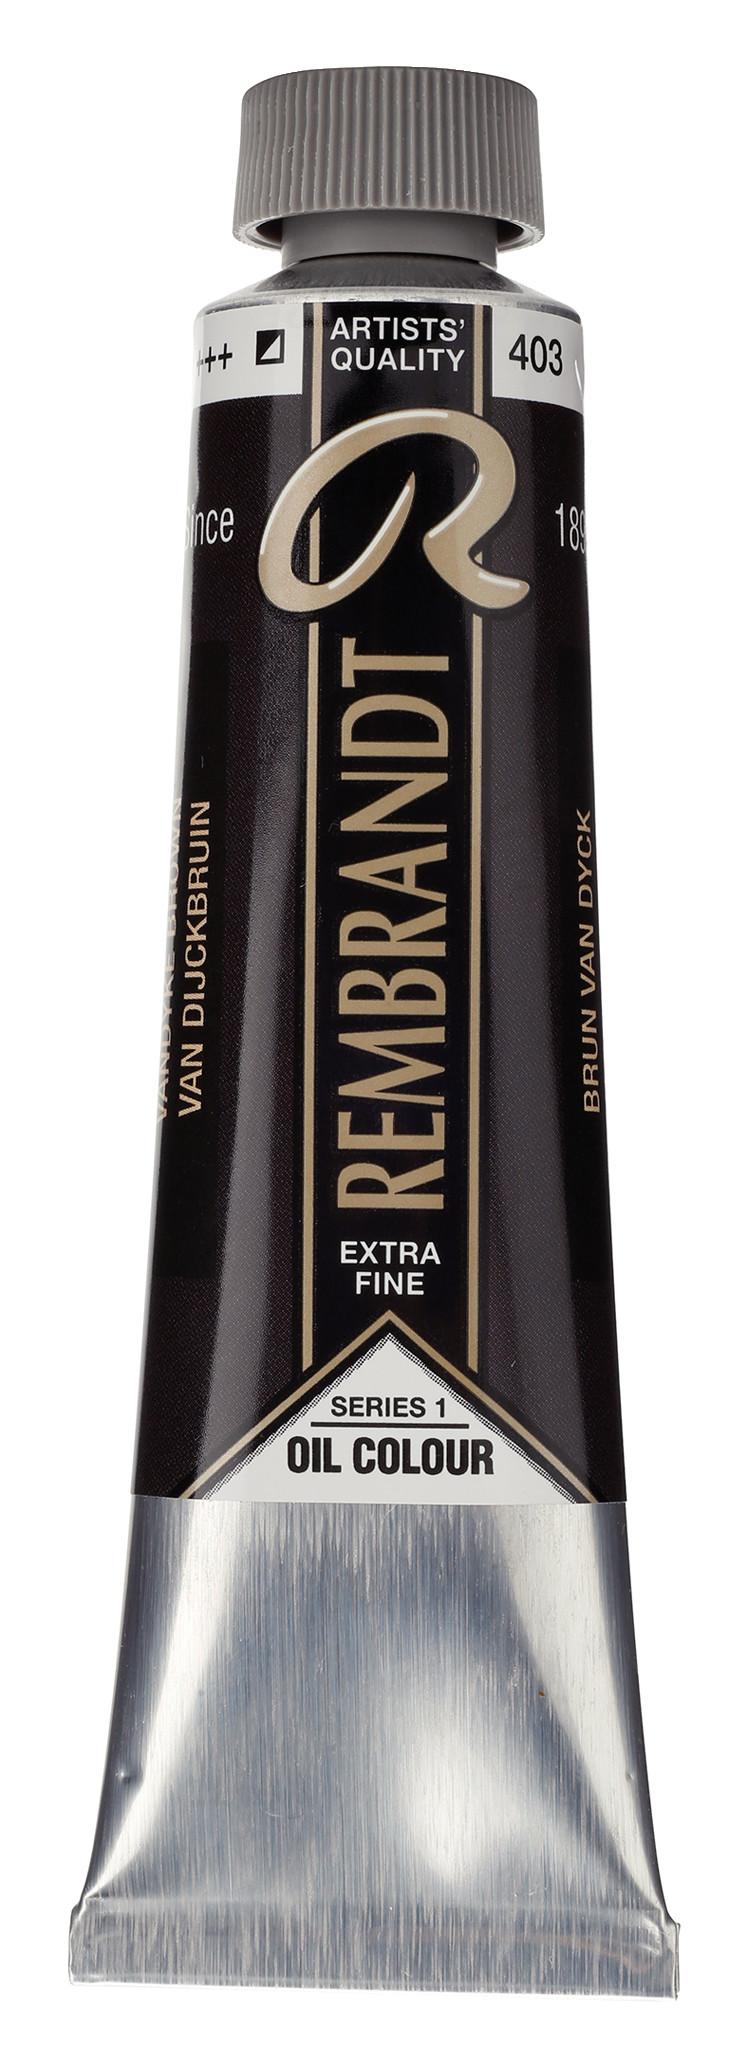 Rembrandt Oil colour Paint Vandyke Brown (403) 40ml Tube